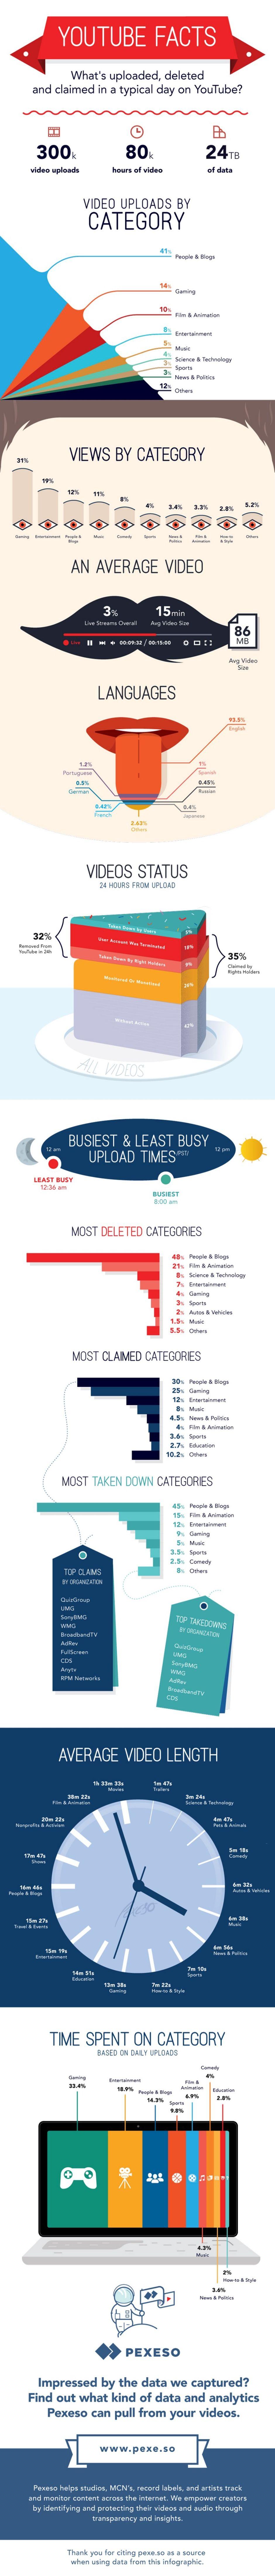 Statistik Youtube Dalam Satu Hari